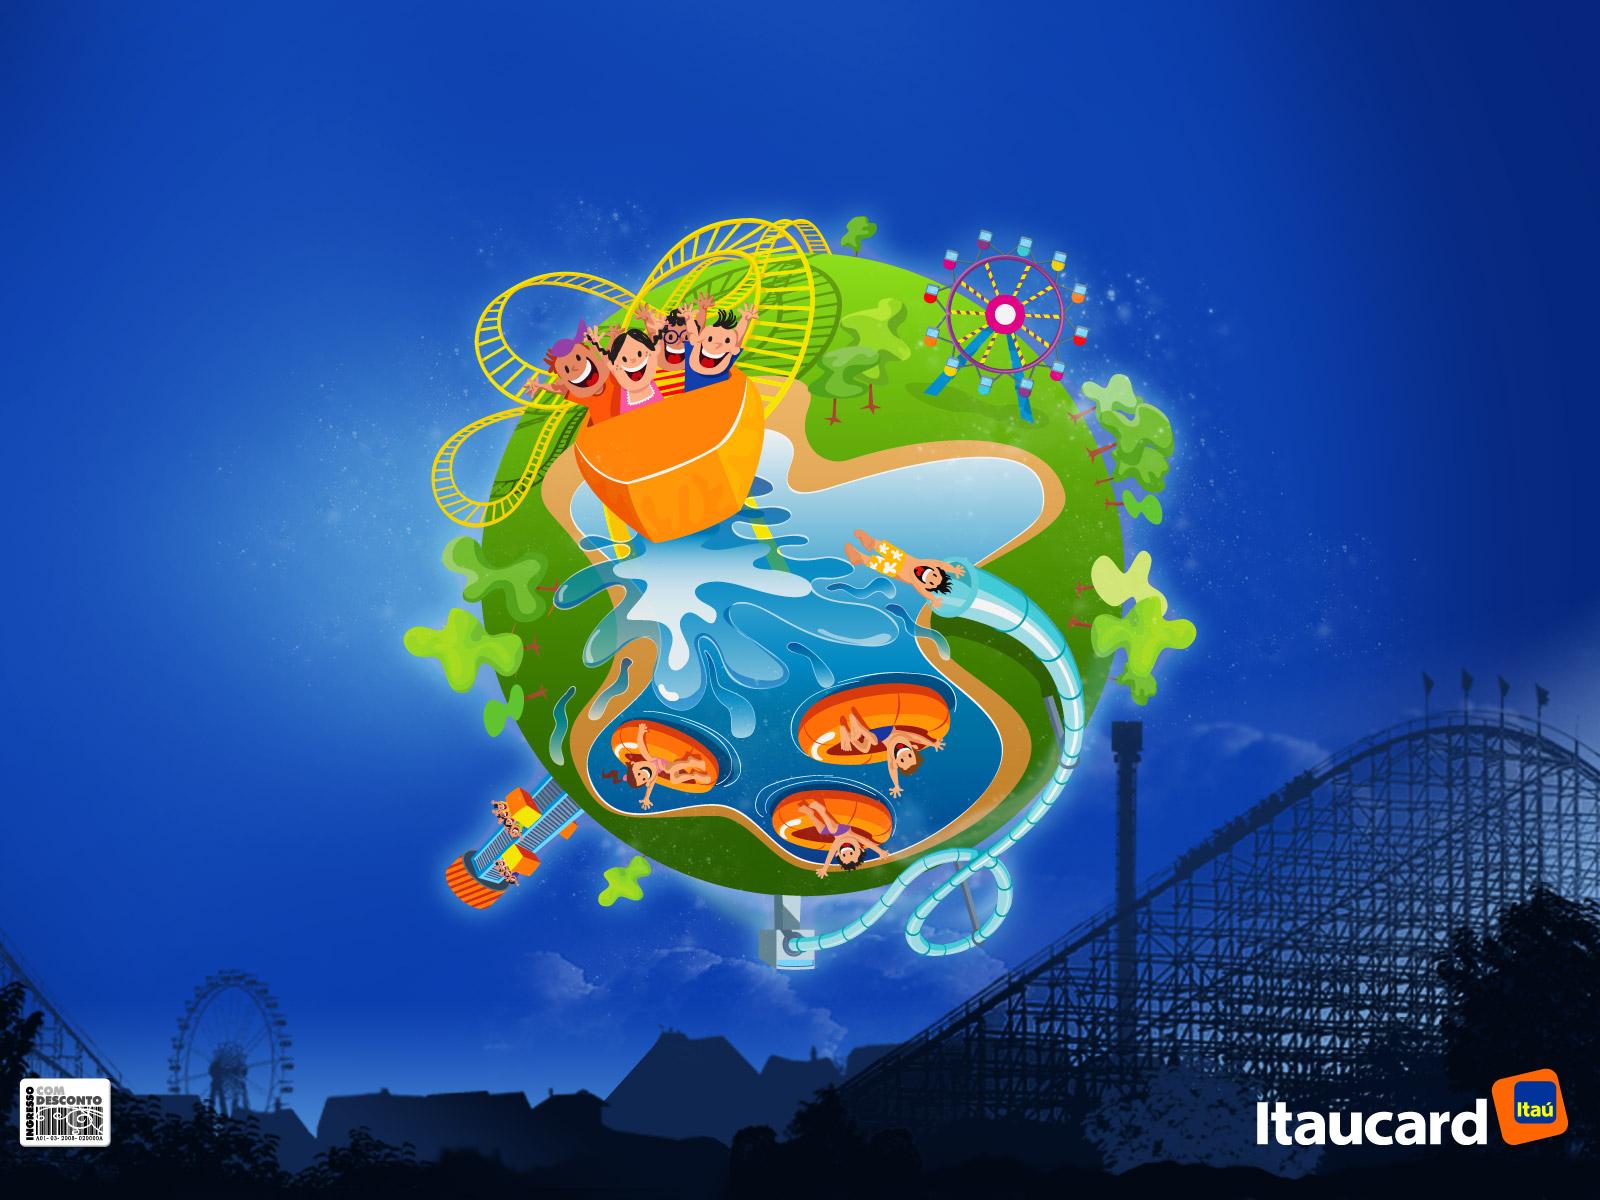 http://1.bp.blogspot.com/_Sby3QqmoGQs/TIwoBAT-j5I/AAAAAAAABE4/TtFDvkkLQtM/s1600/wallpaper_parques_1600x1200.jpg